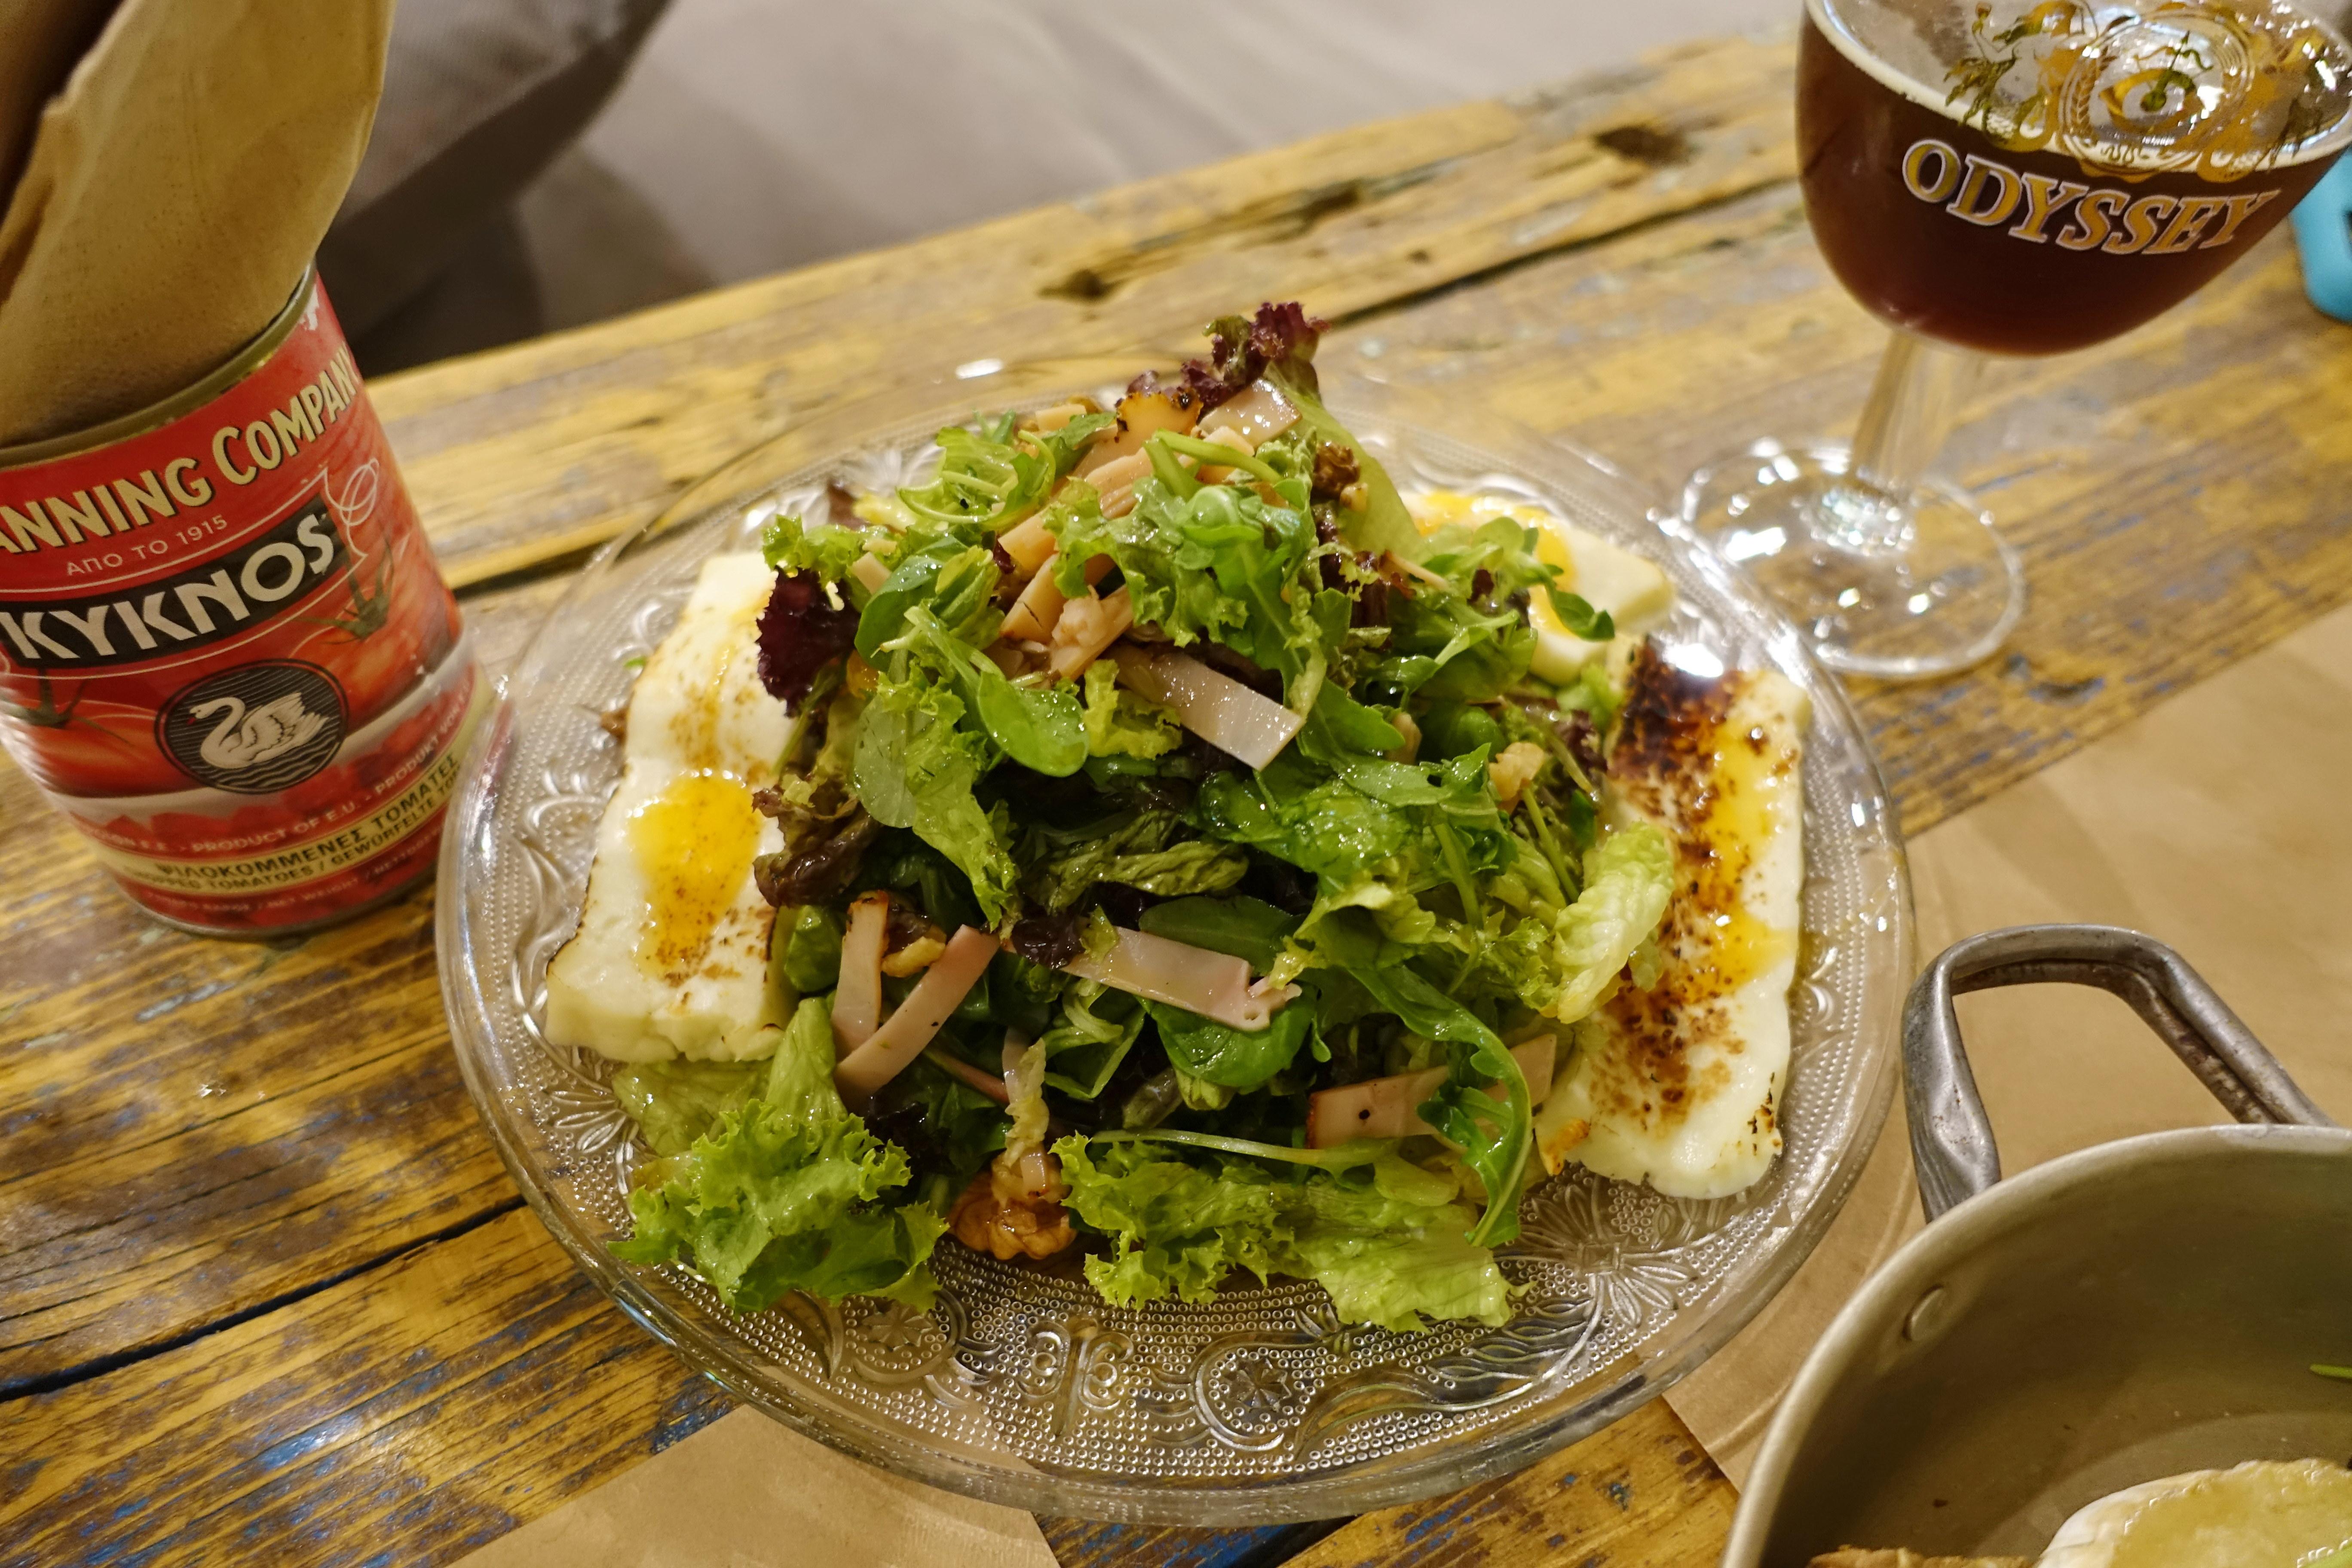 A real Greek salad.